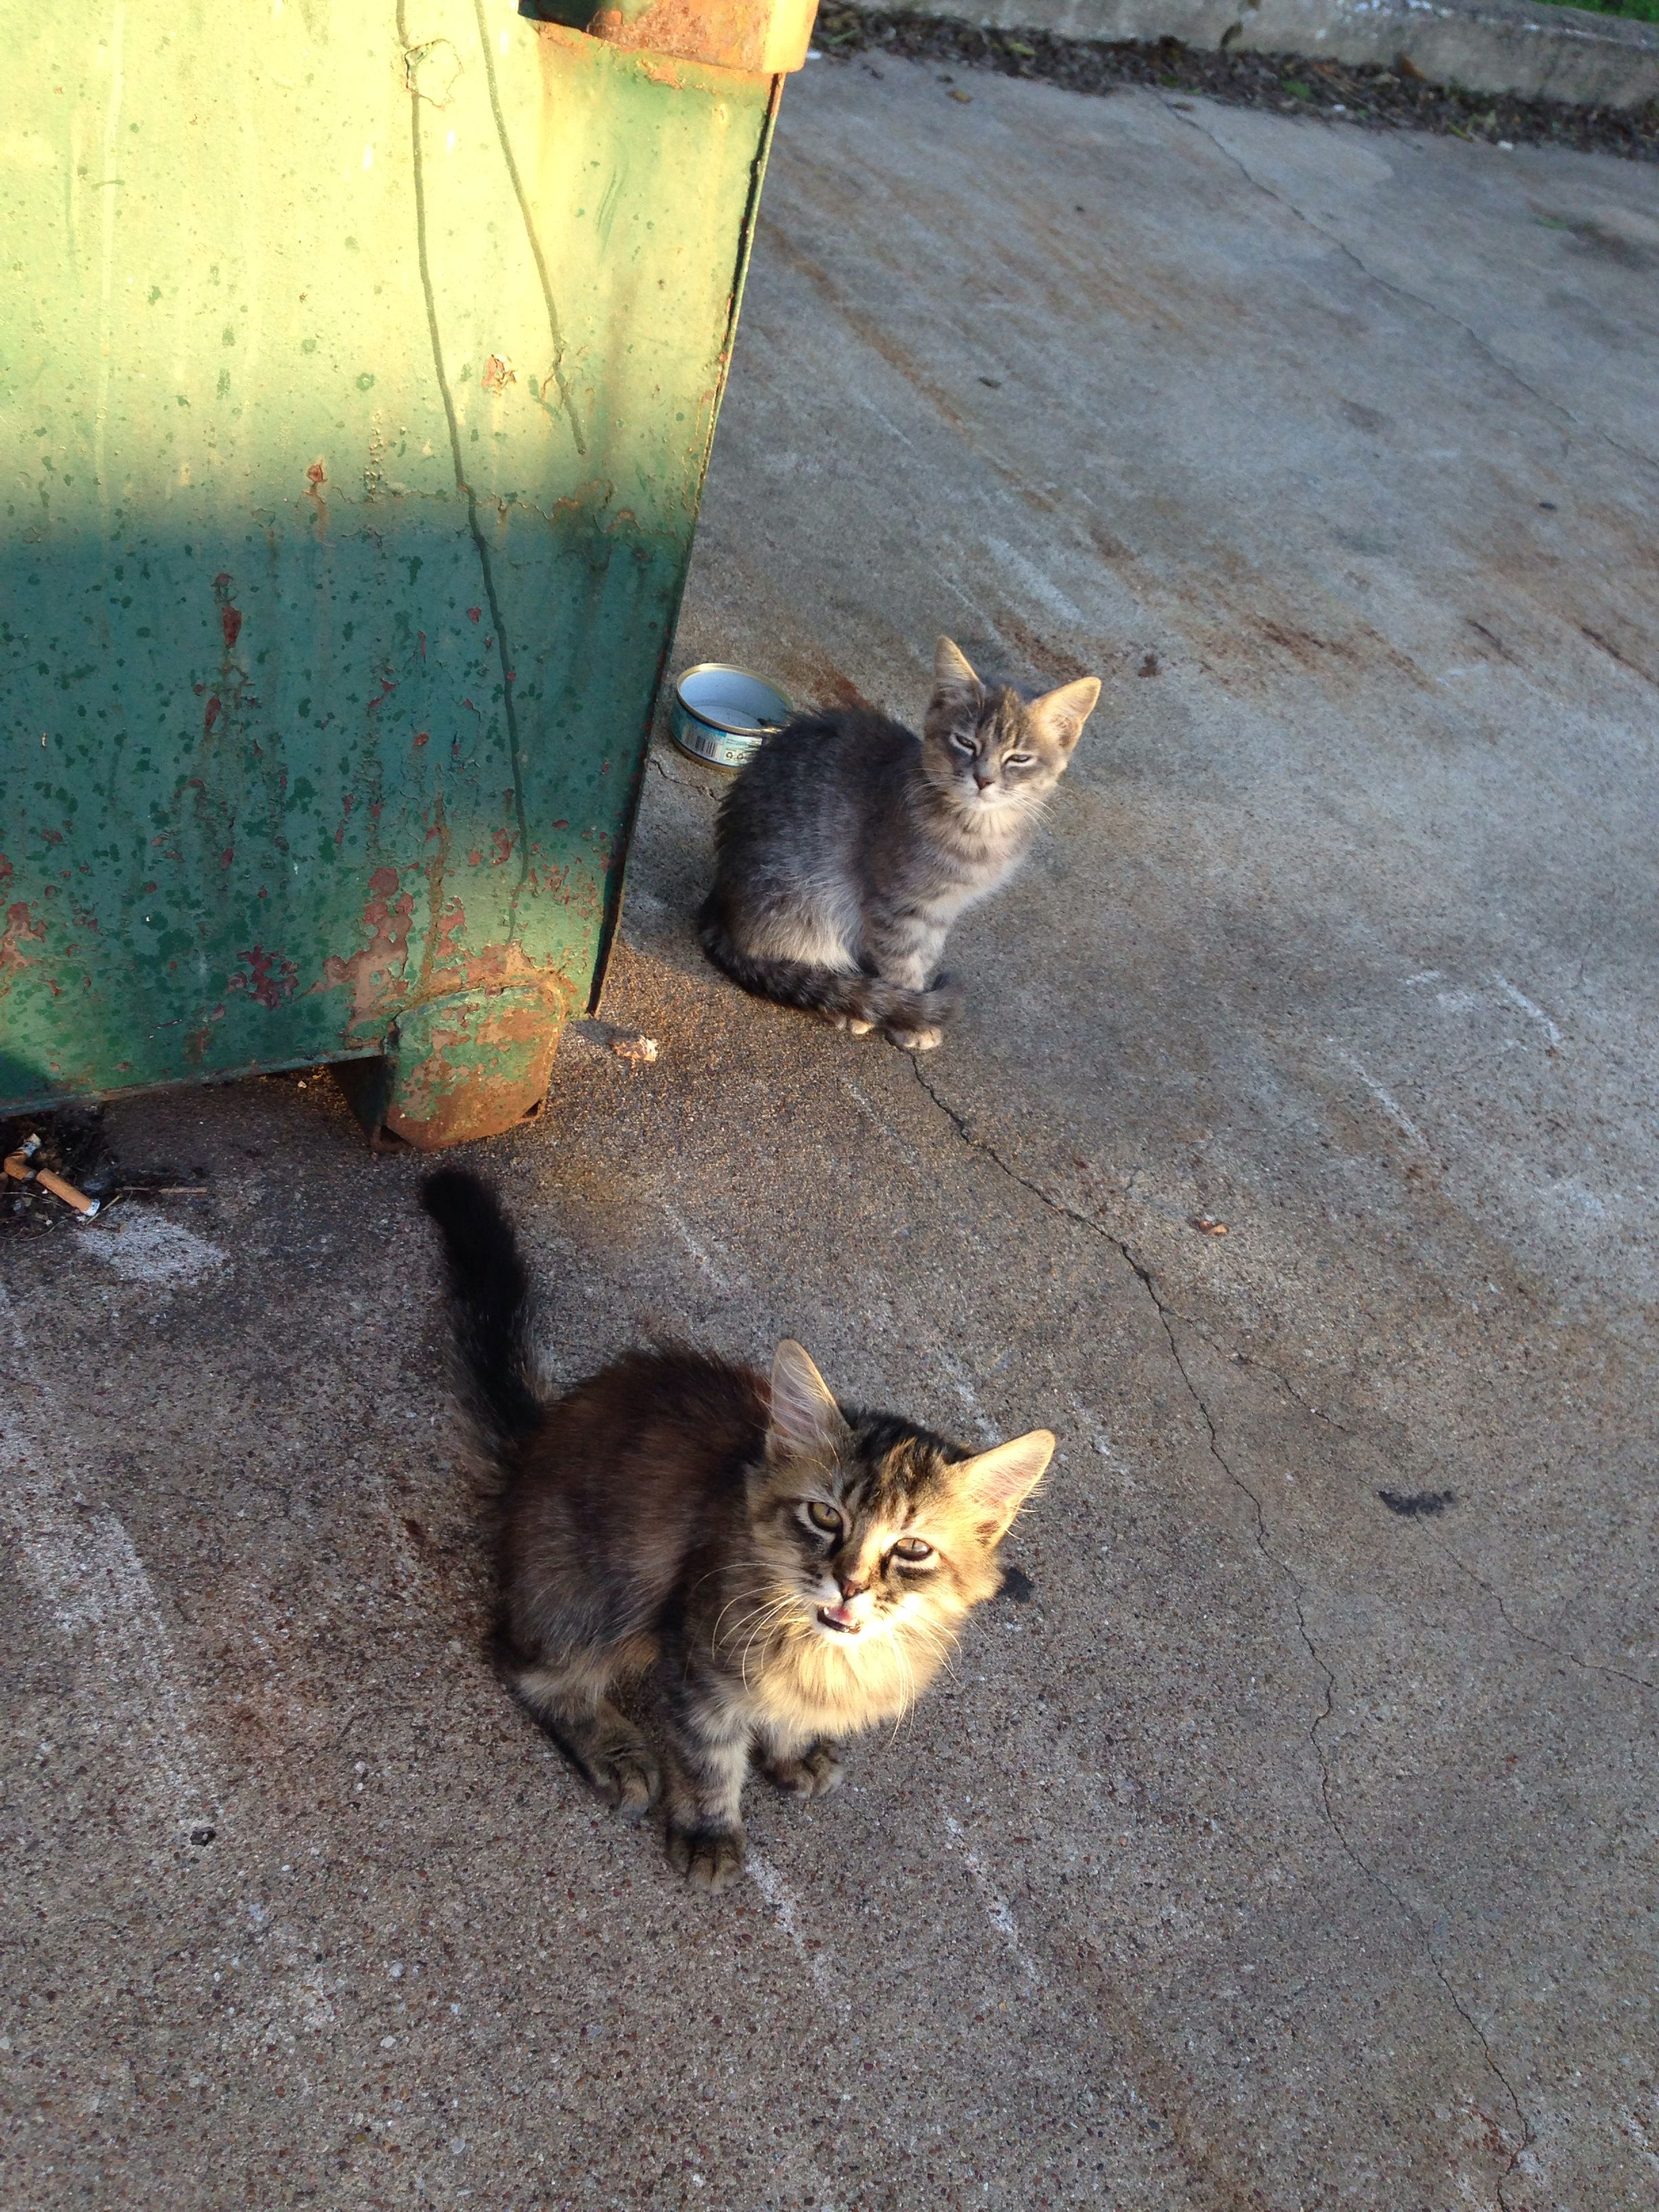 dominos dumpster kittens dumpster everything dominos dumpster kittens